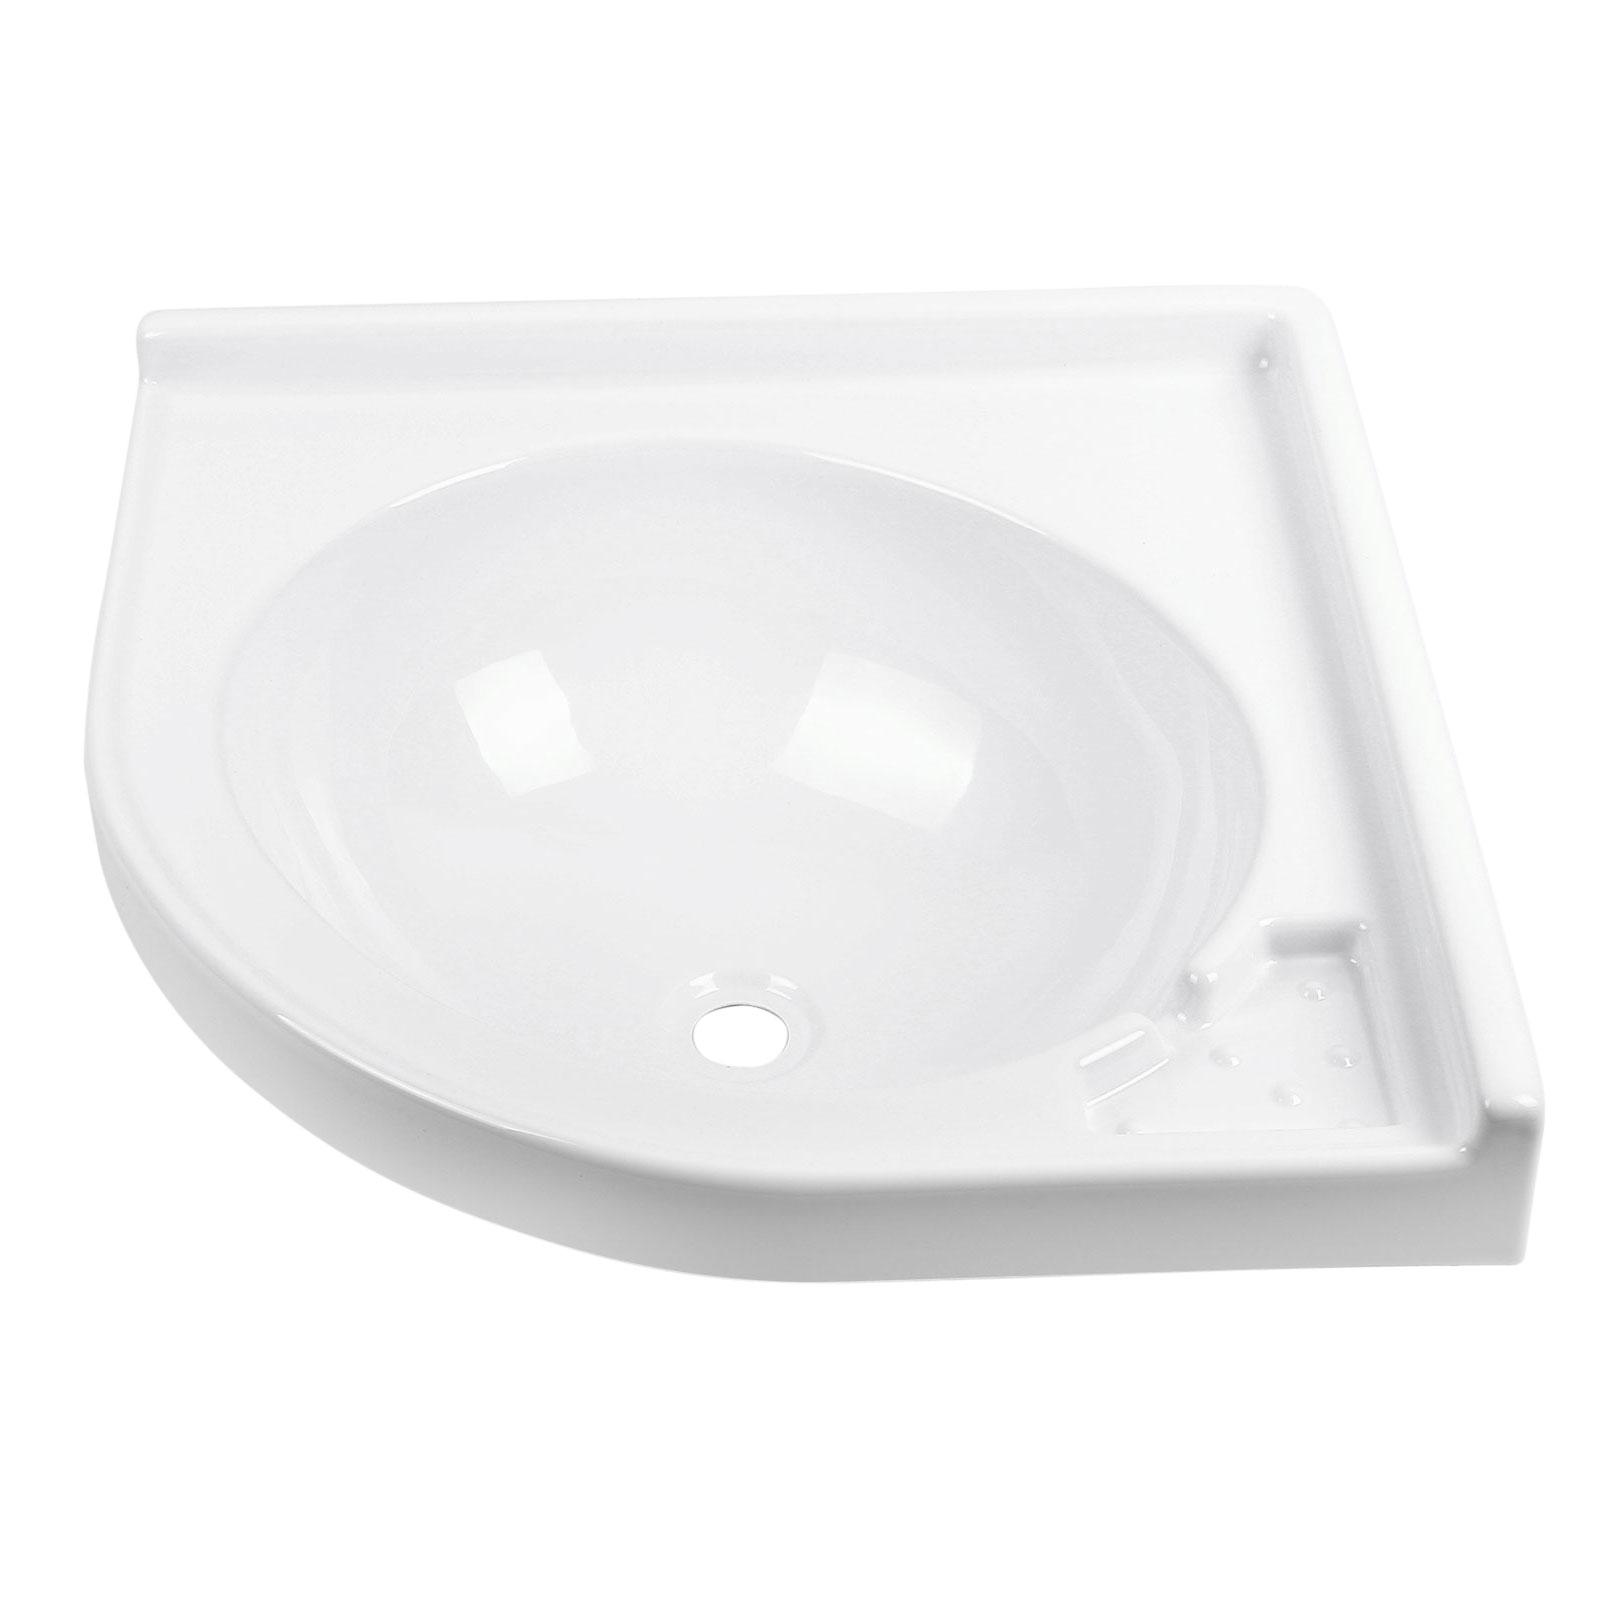 Eckwaschbecken 42 x 42 x 15 cm | ABS-Kunststoff | 650 g | weiß